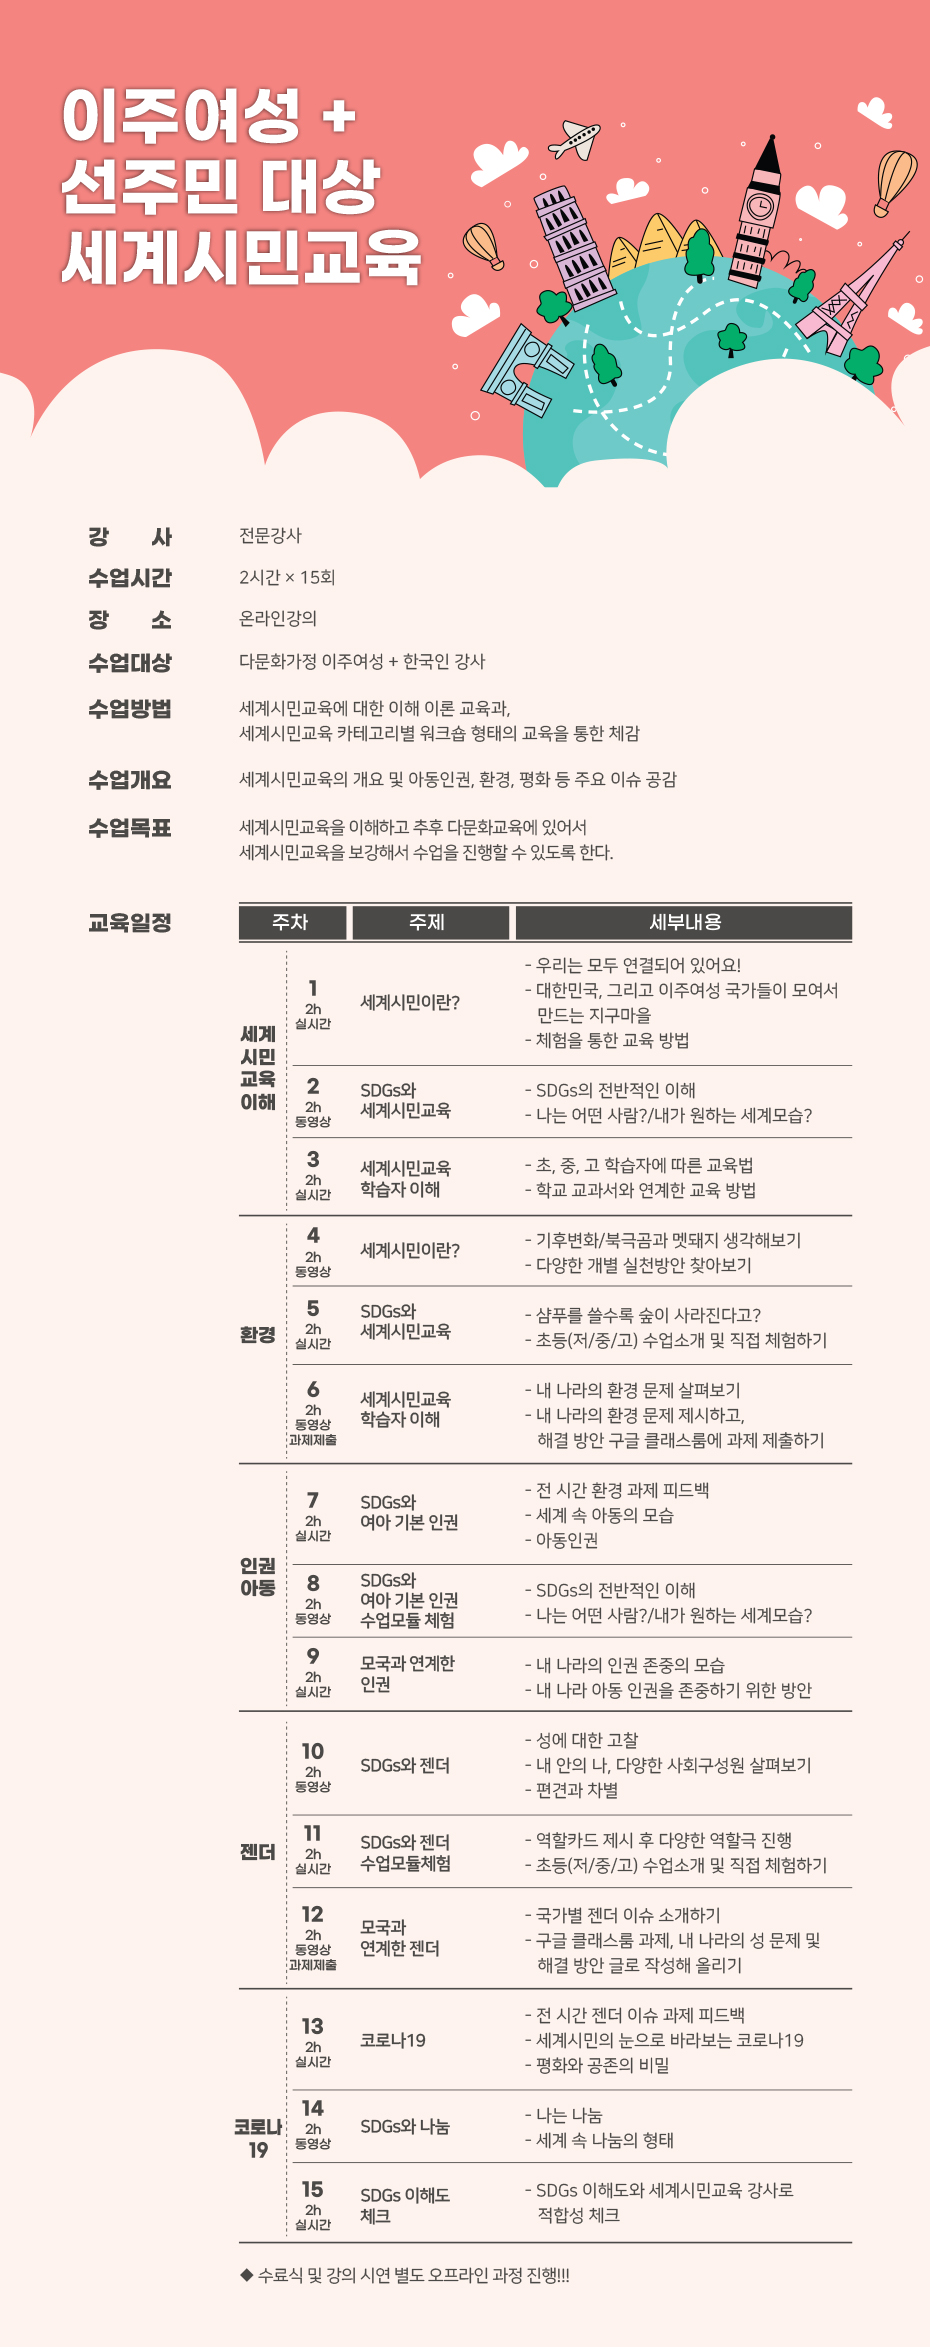 12_이주여성+선주민 대상 세계시민교육-1.jpg